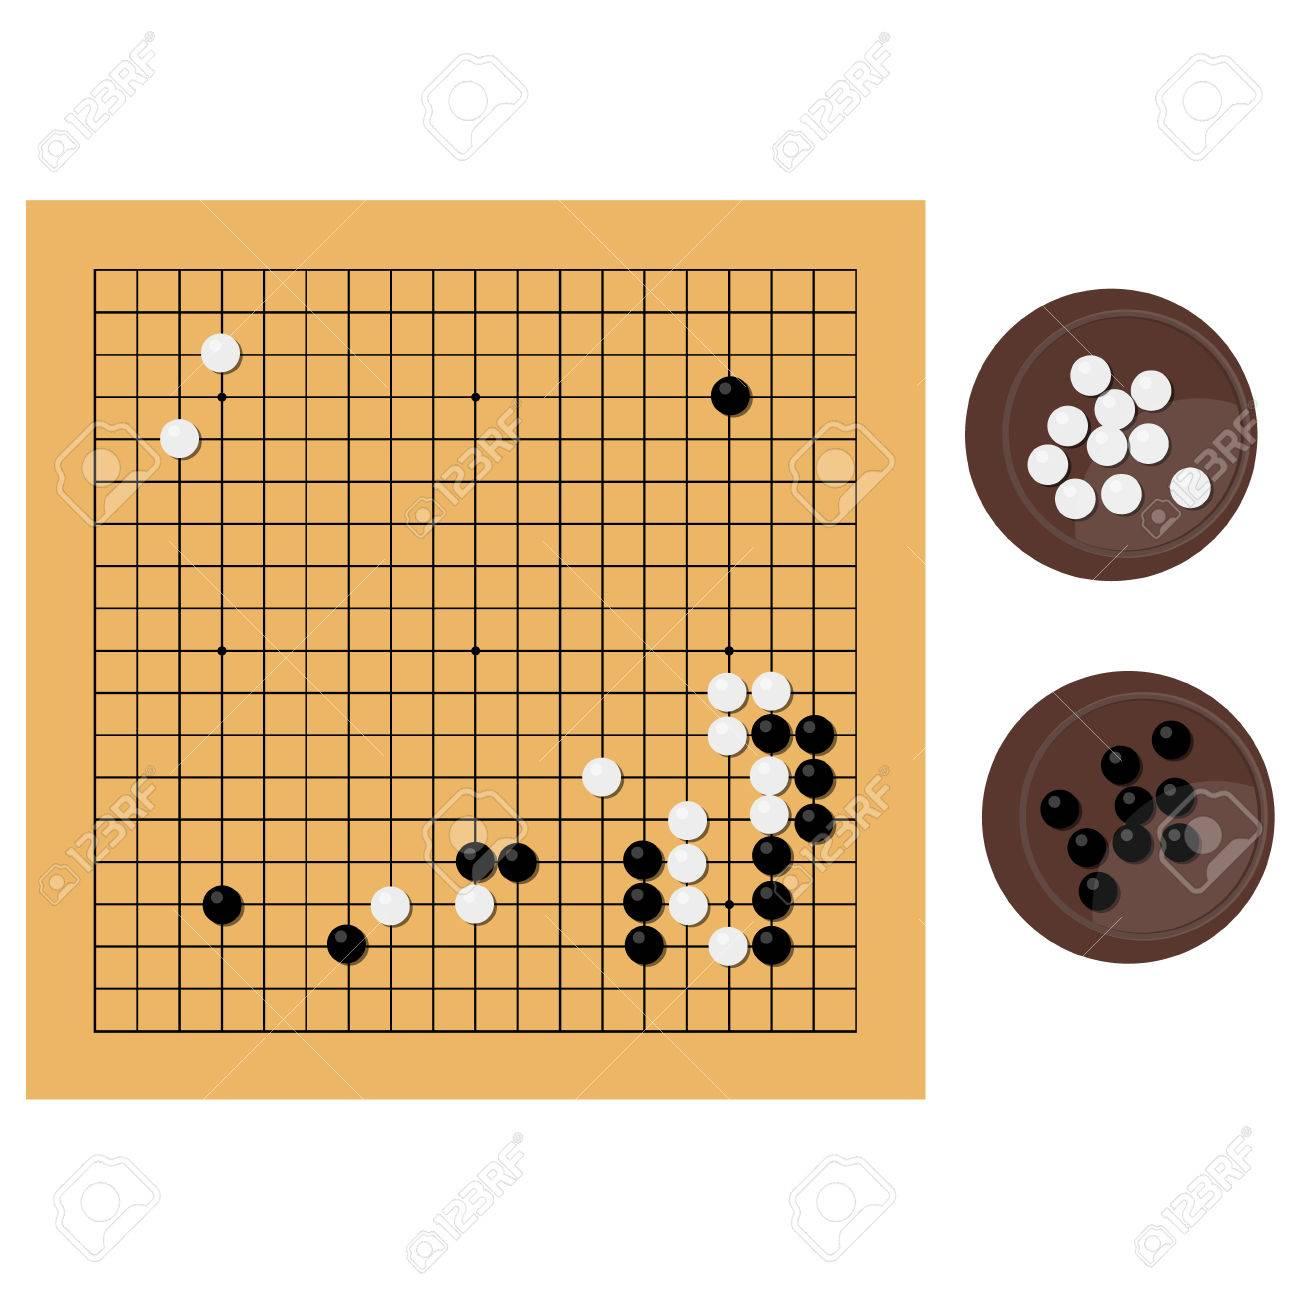 Raster Ilustracion Tradicional Chino Japones Juego De Mesa De